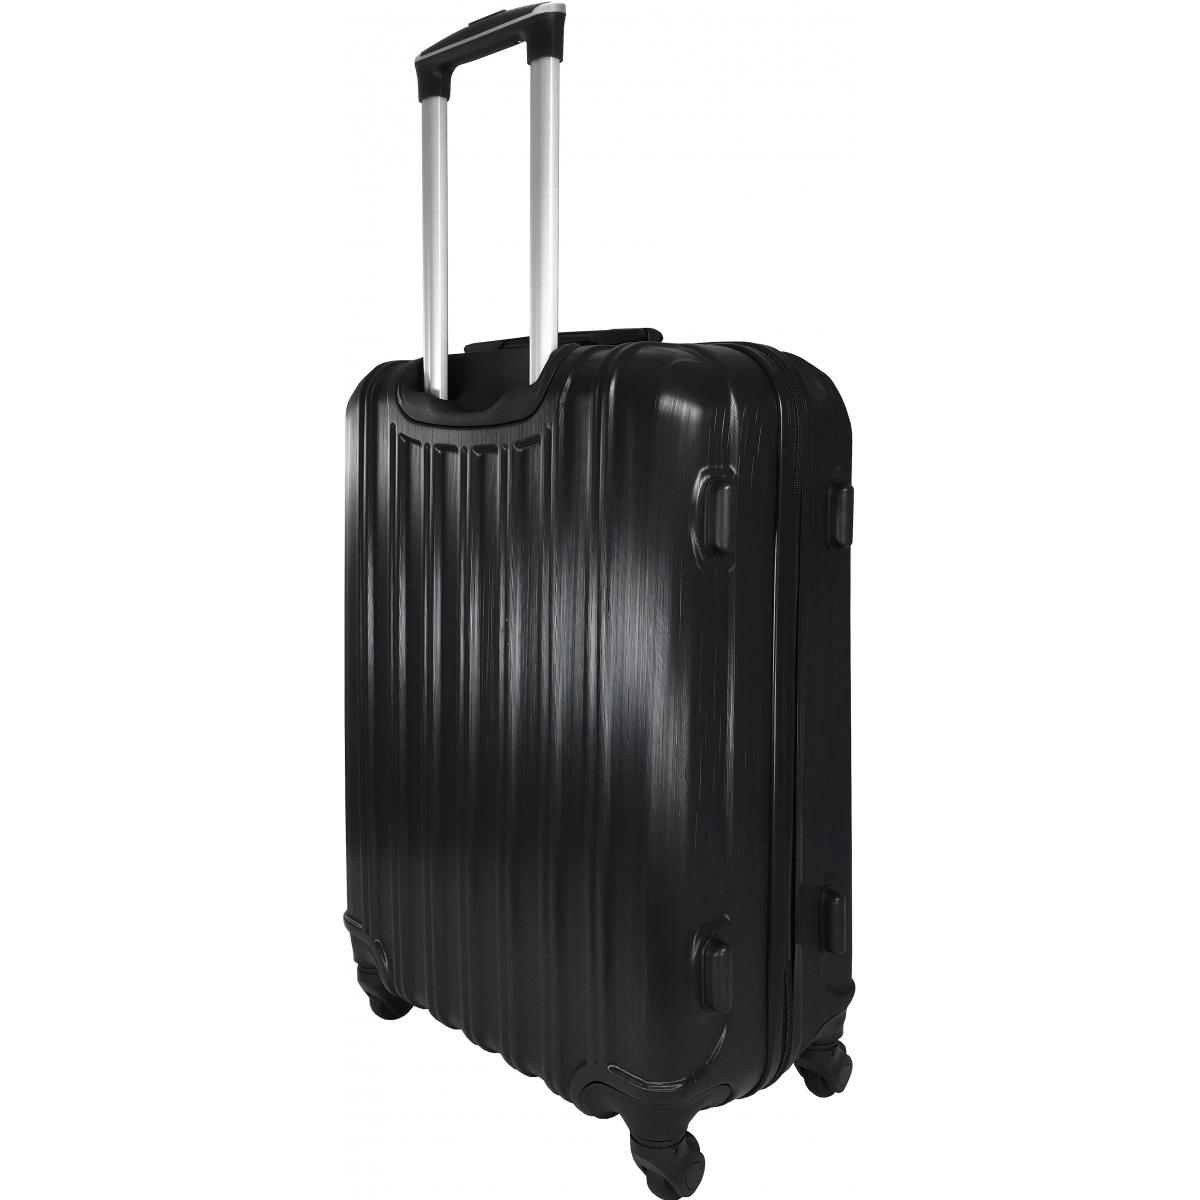 lot 3 valises dont 1 valise cabine david jones noir ba10293 couleur principale noir. Black Bedroom Furniture Sets. Home Design Ideas